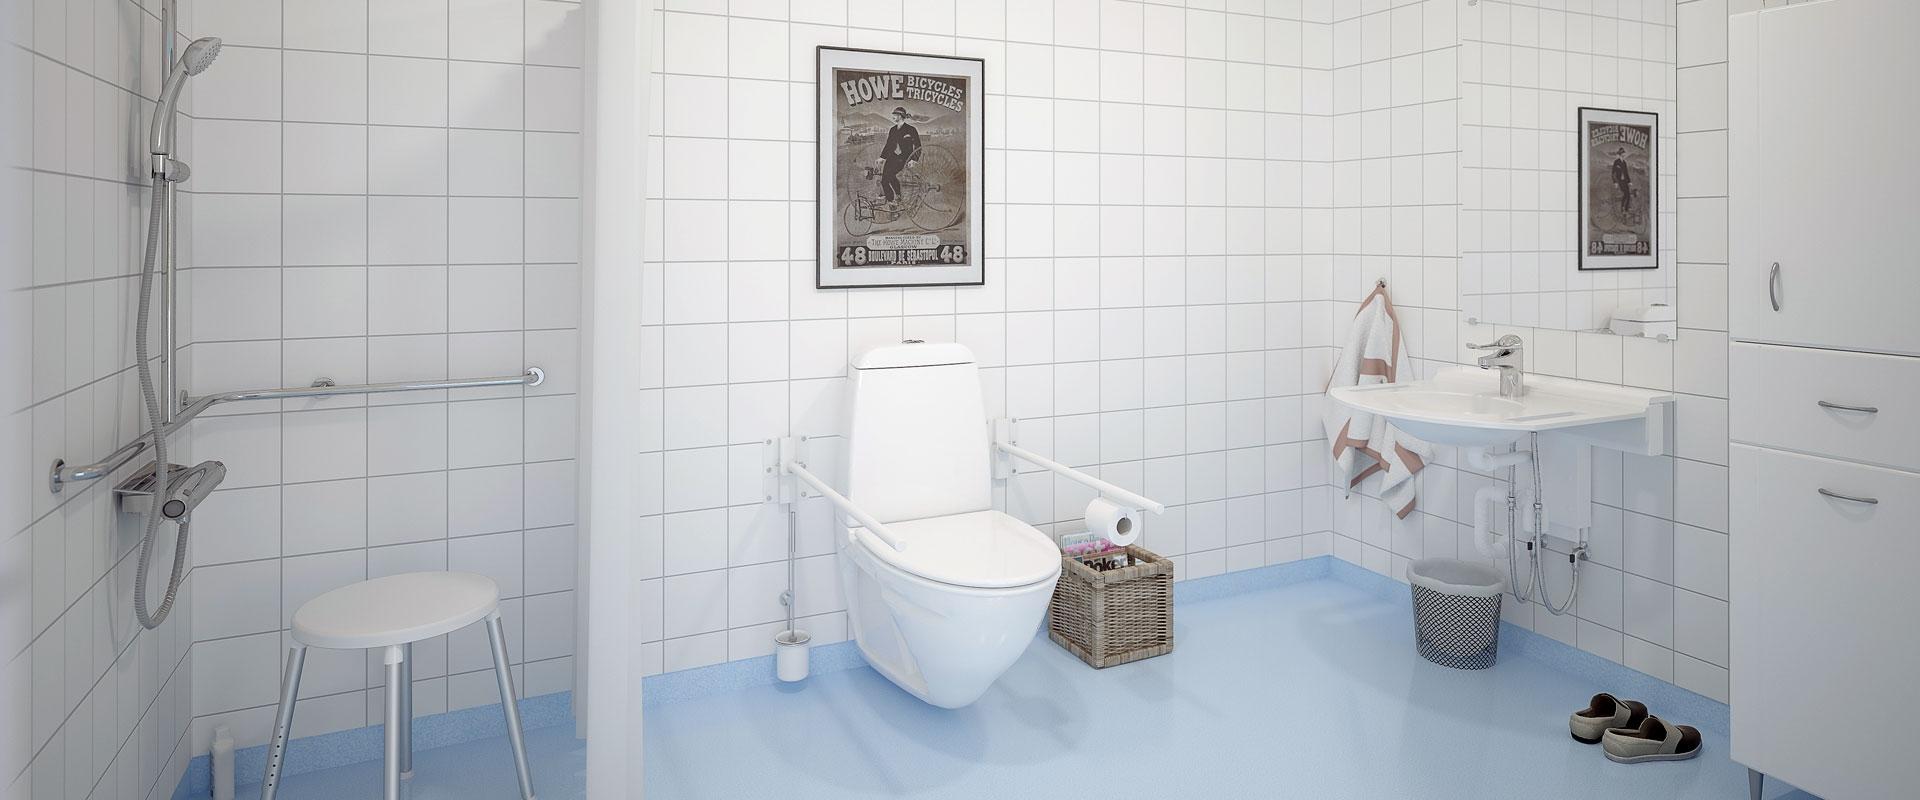 Tvättställ till äldreboende